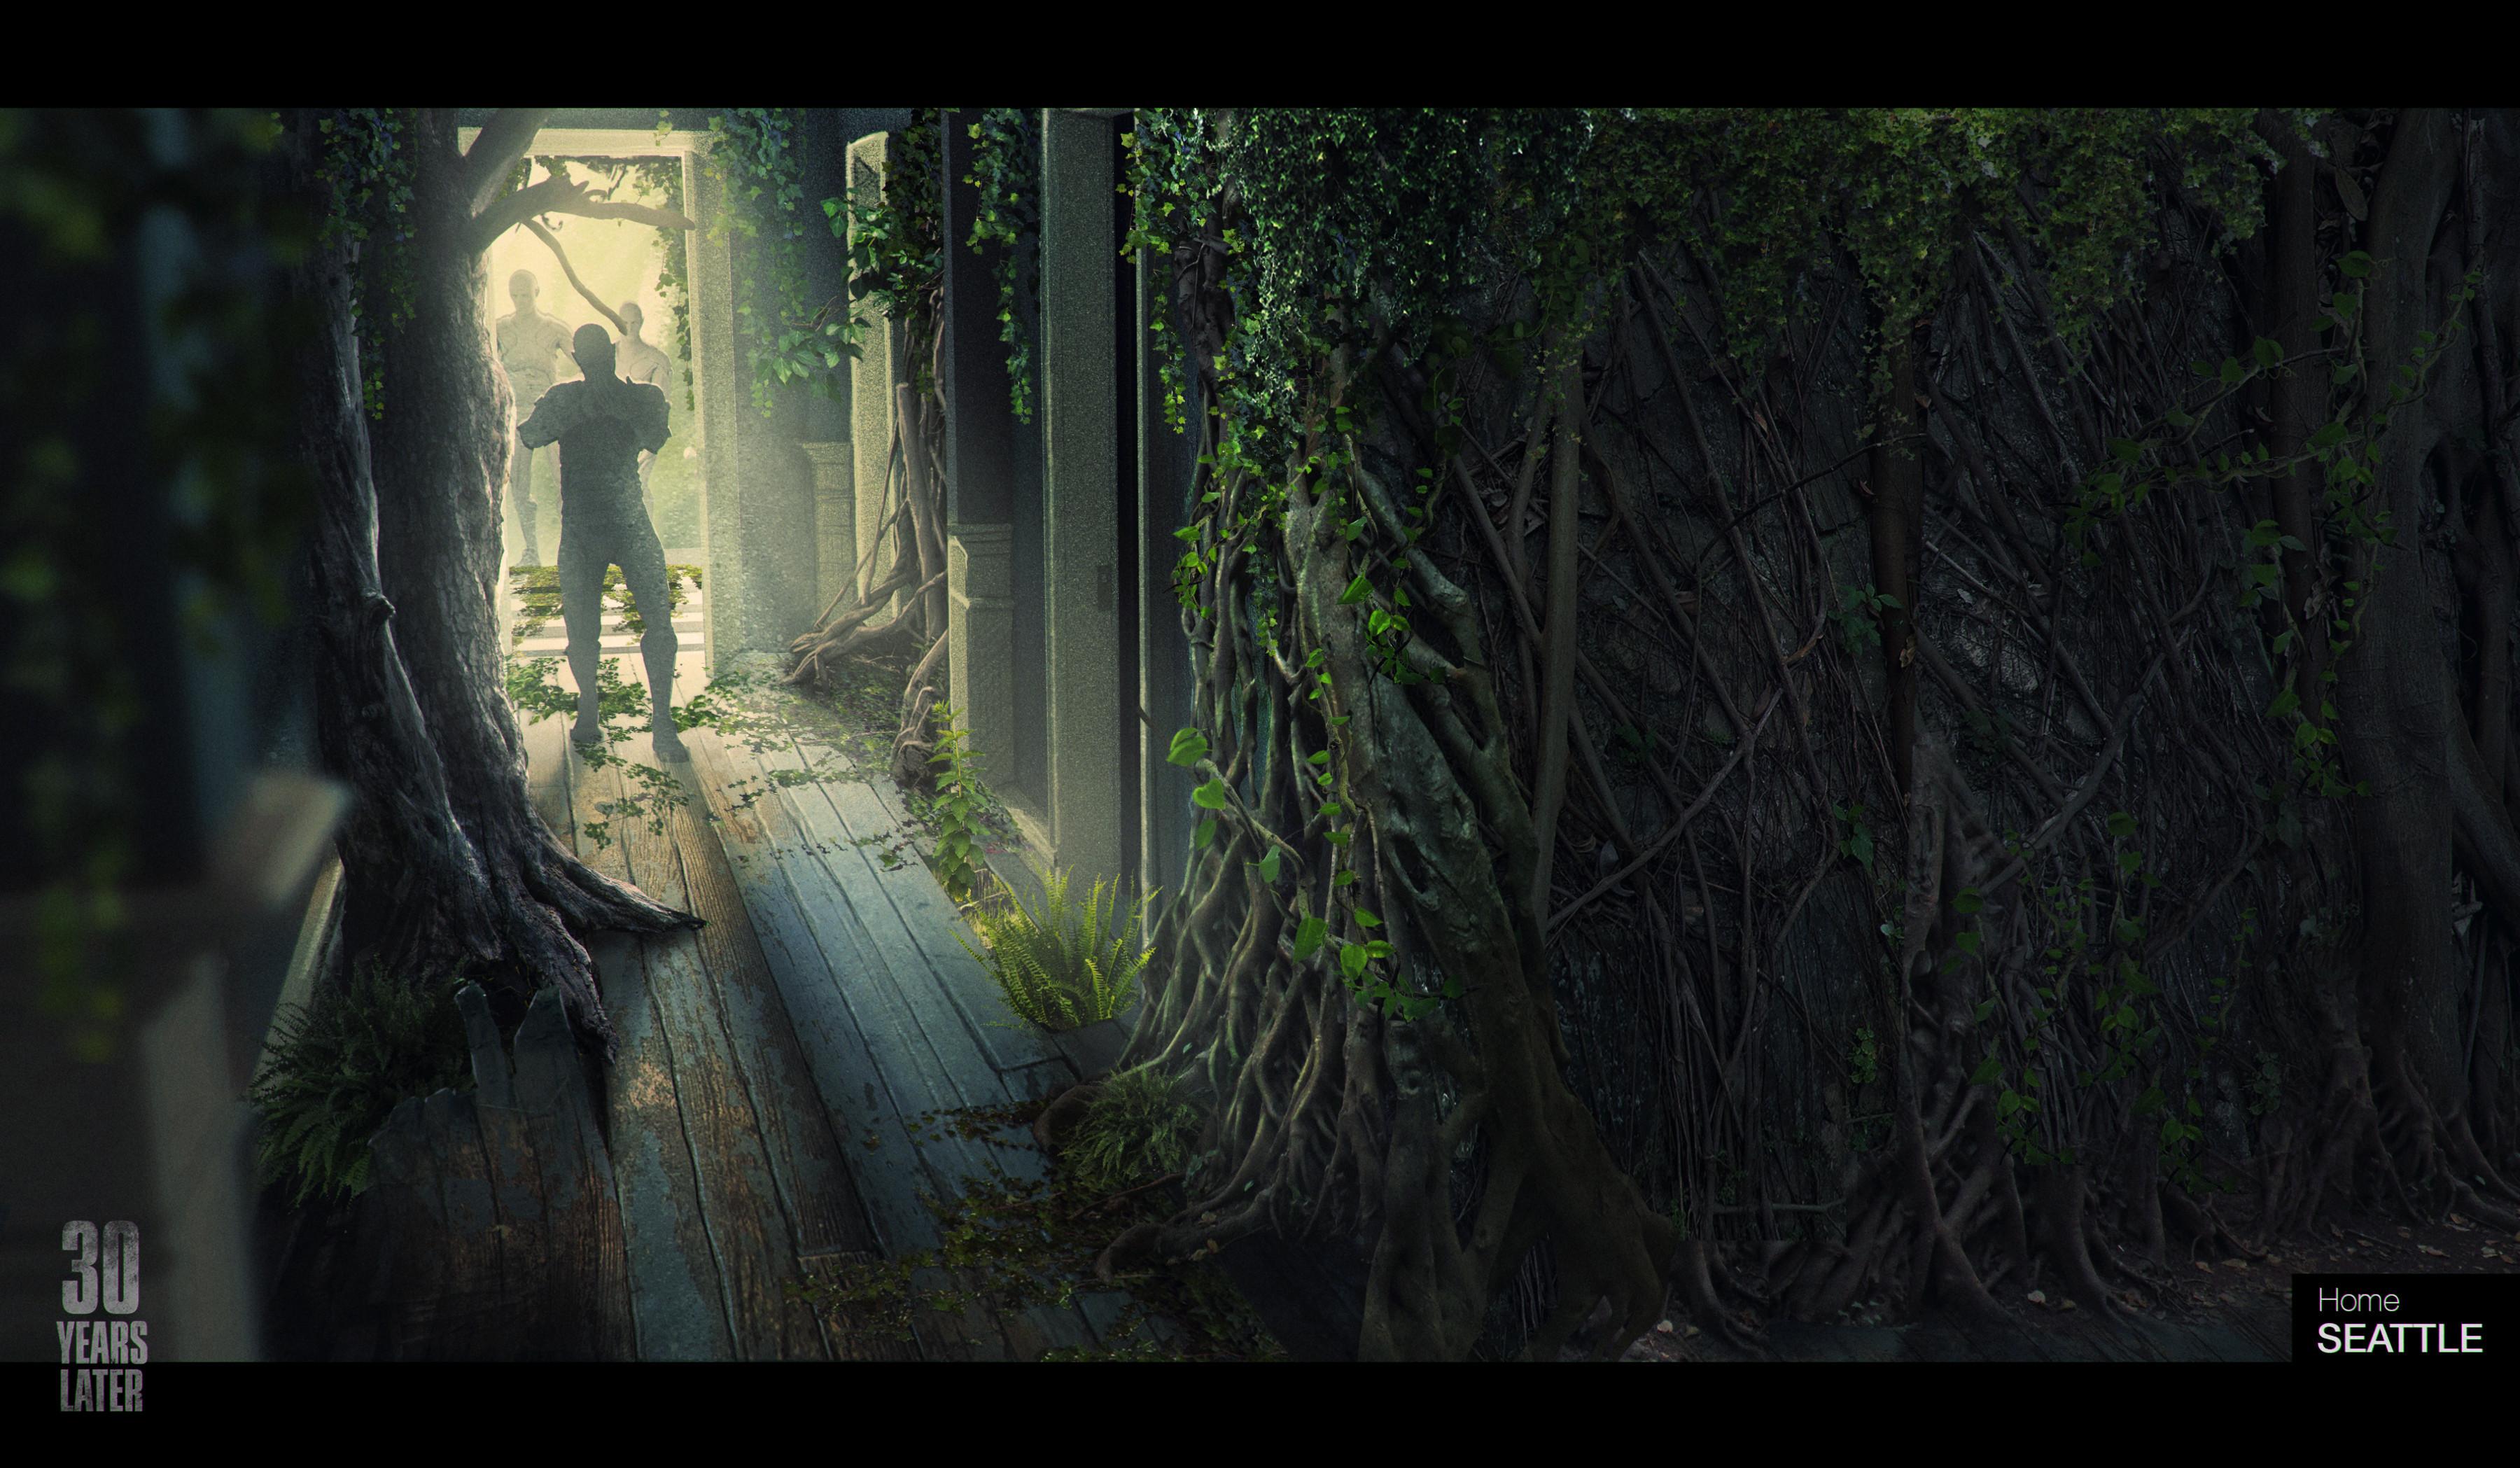 49-летняя Элли в арт-проекте по The Last of Us